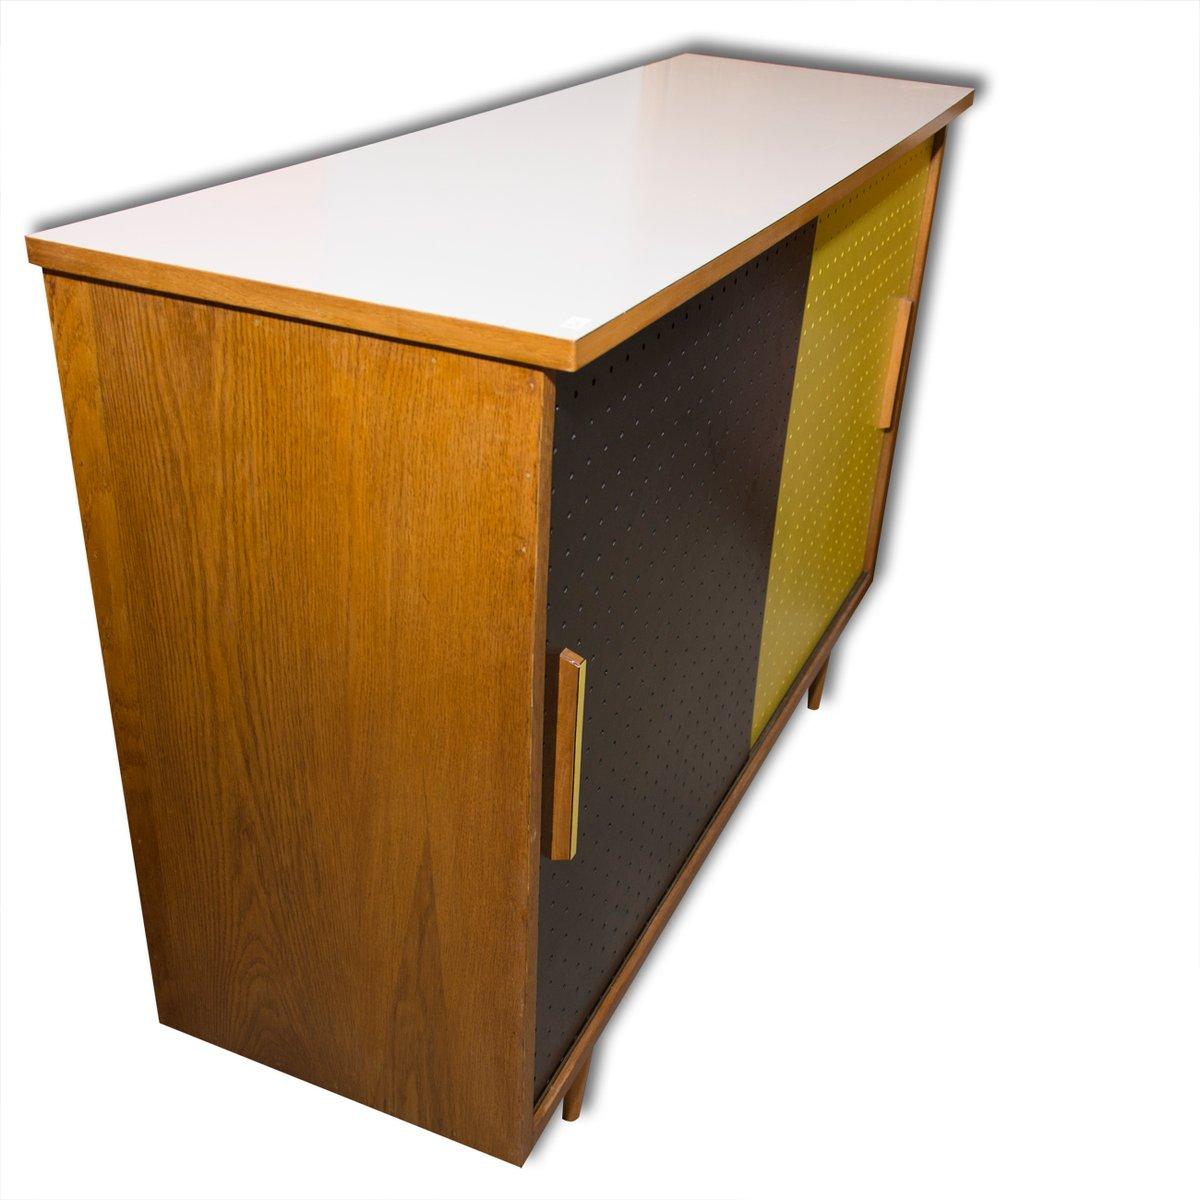 mid century schrank mit schiebet ren von interier praha 1960er bei pamono kaufen. Black Bedroom Furniture Sets. Home Design Ideas